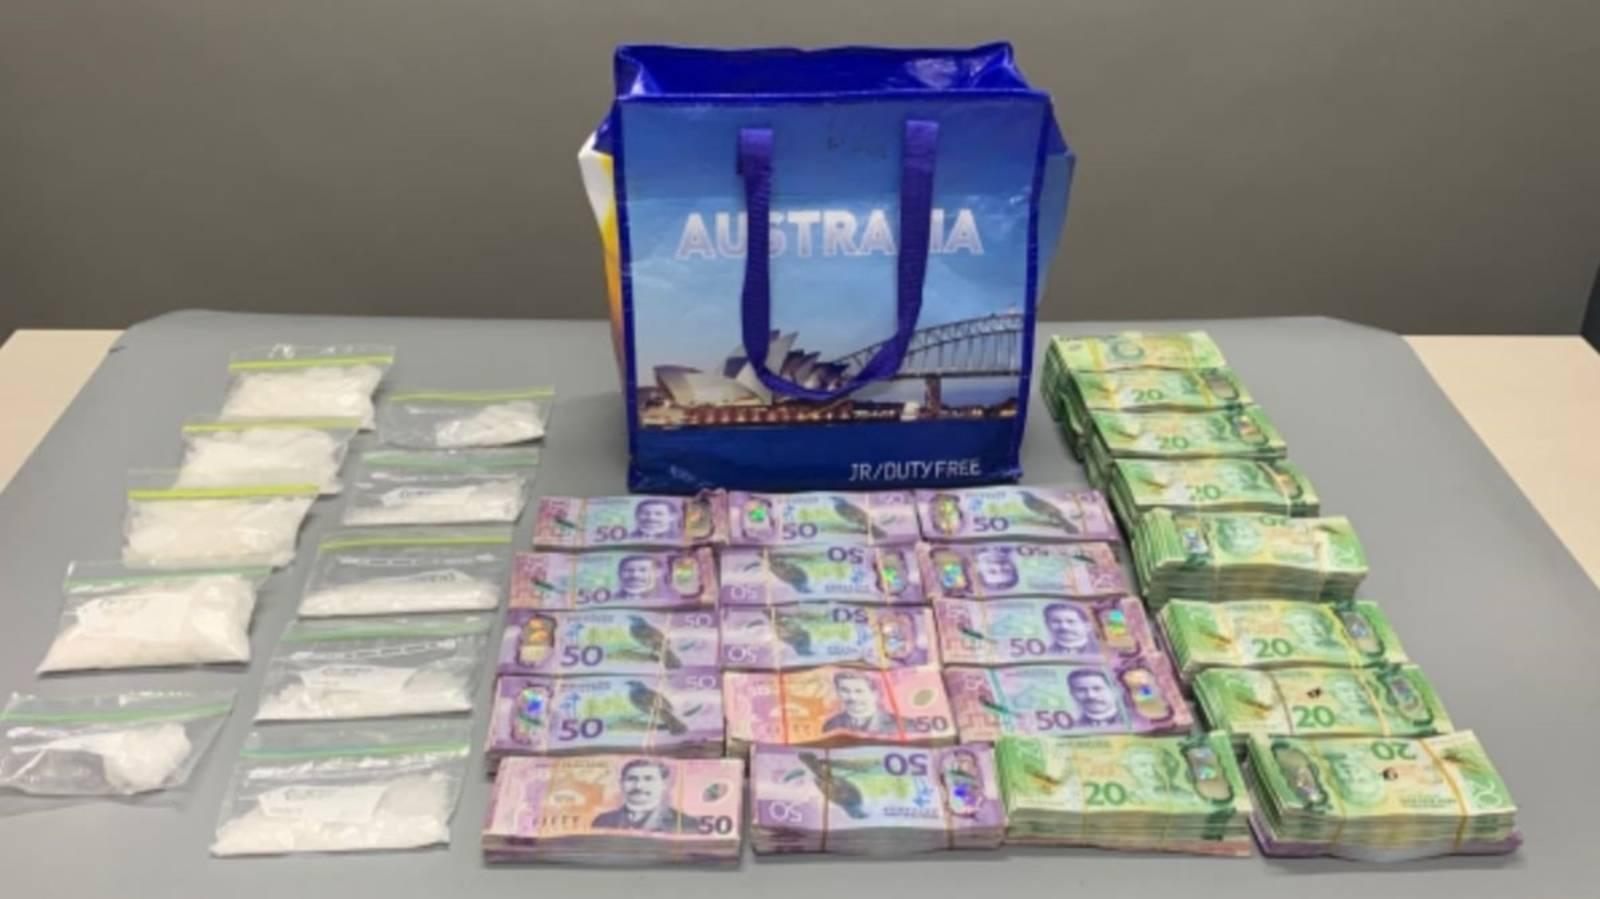 Cash and drugs worth $450k seized after car crash